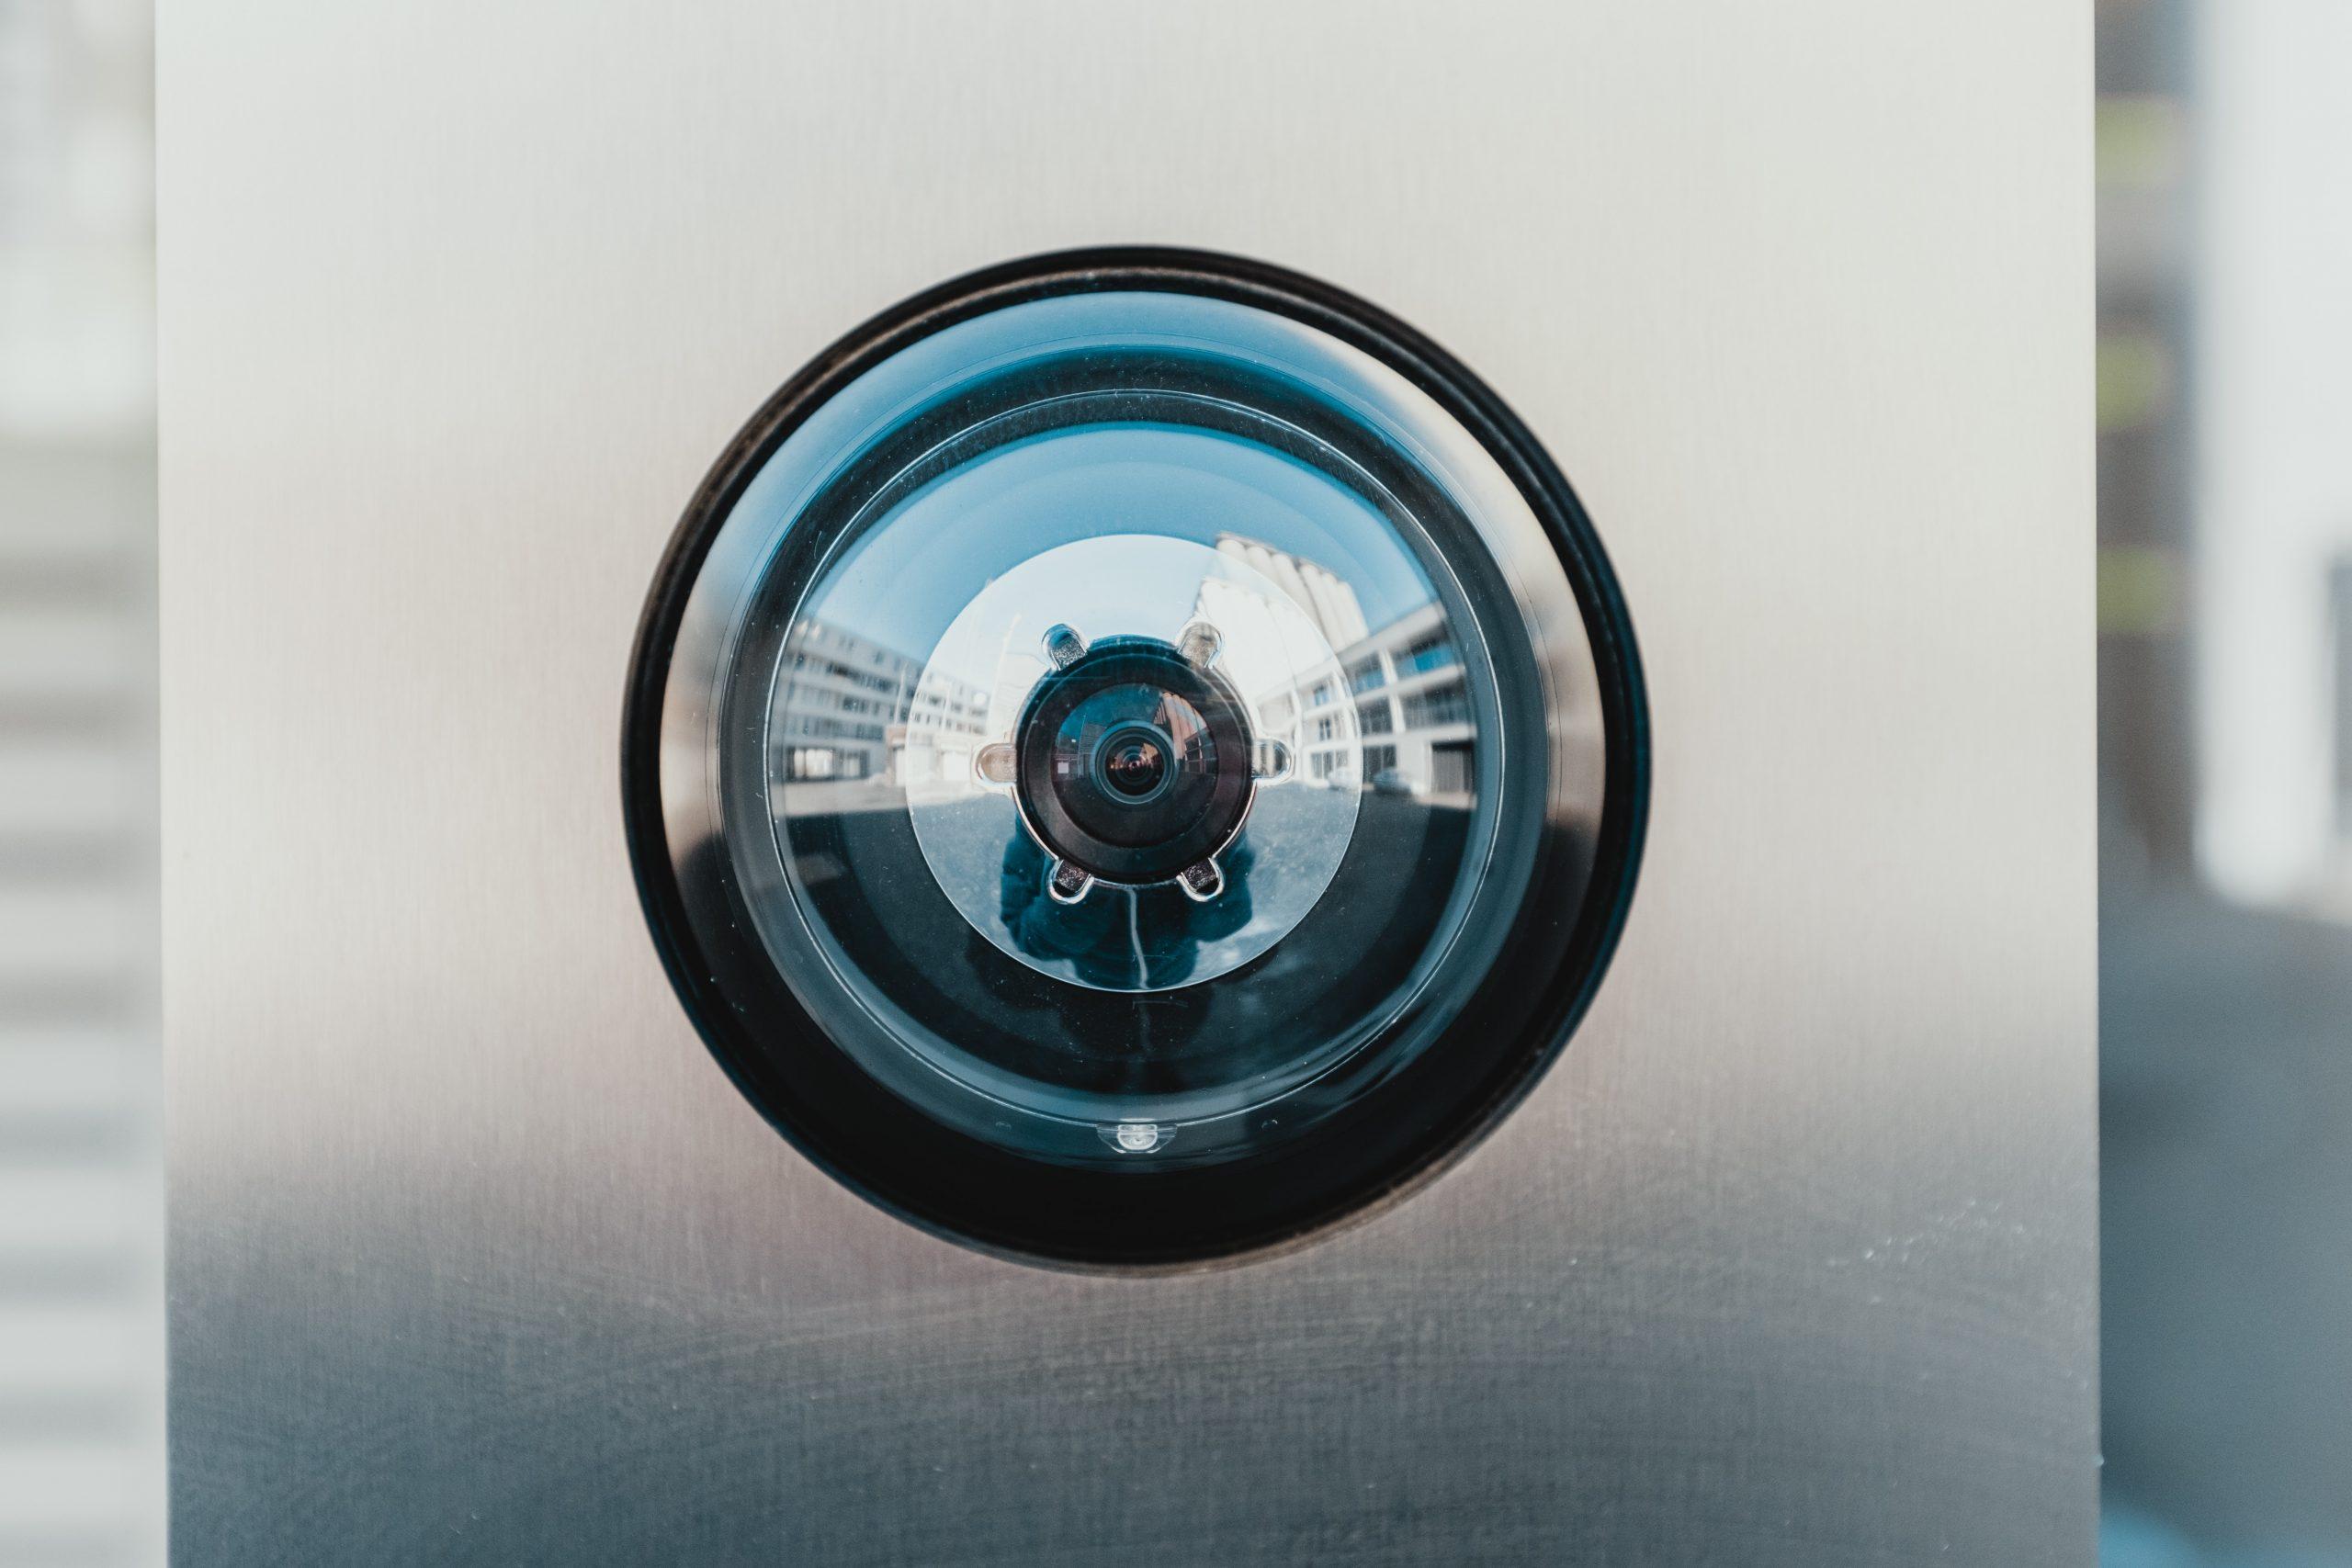 WLAN-Kamera: Test & Empfehlungen (09/21)